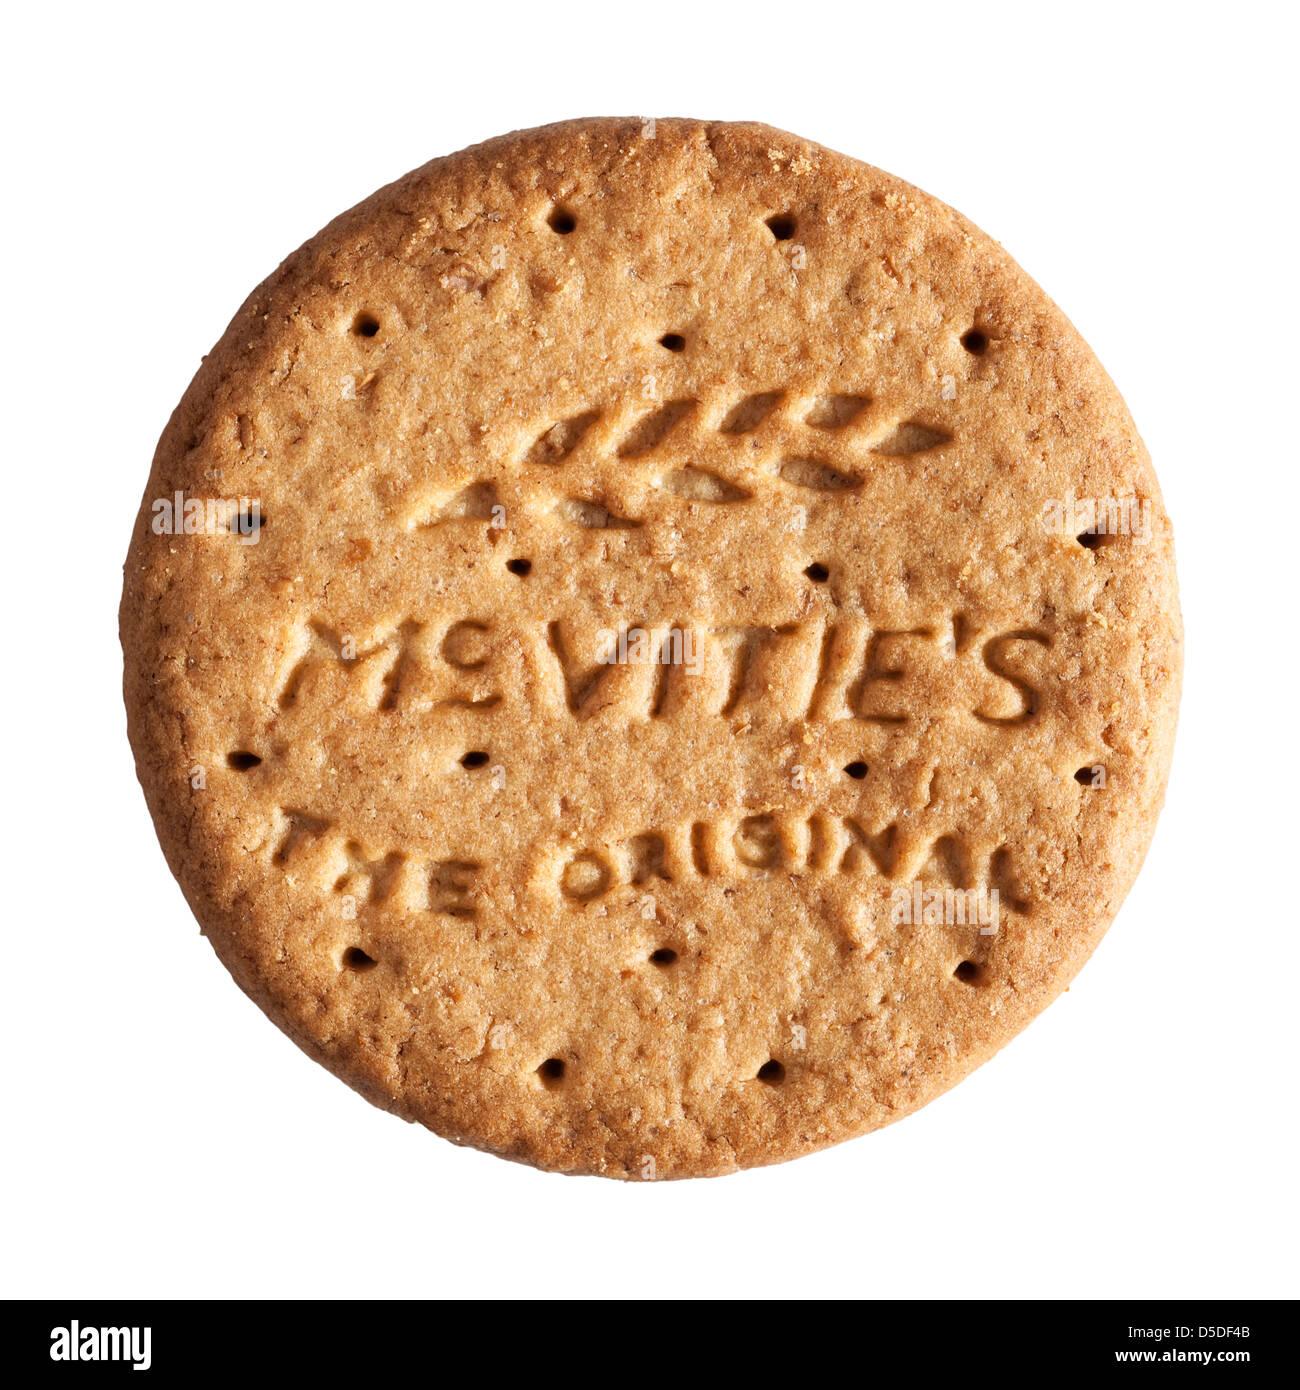 Un Mcvitie originale del biscotto digestive su sfondo bianco Immagini Stock